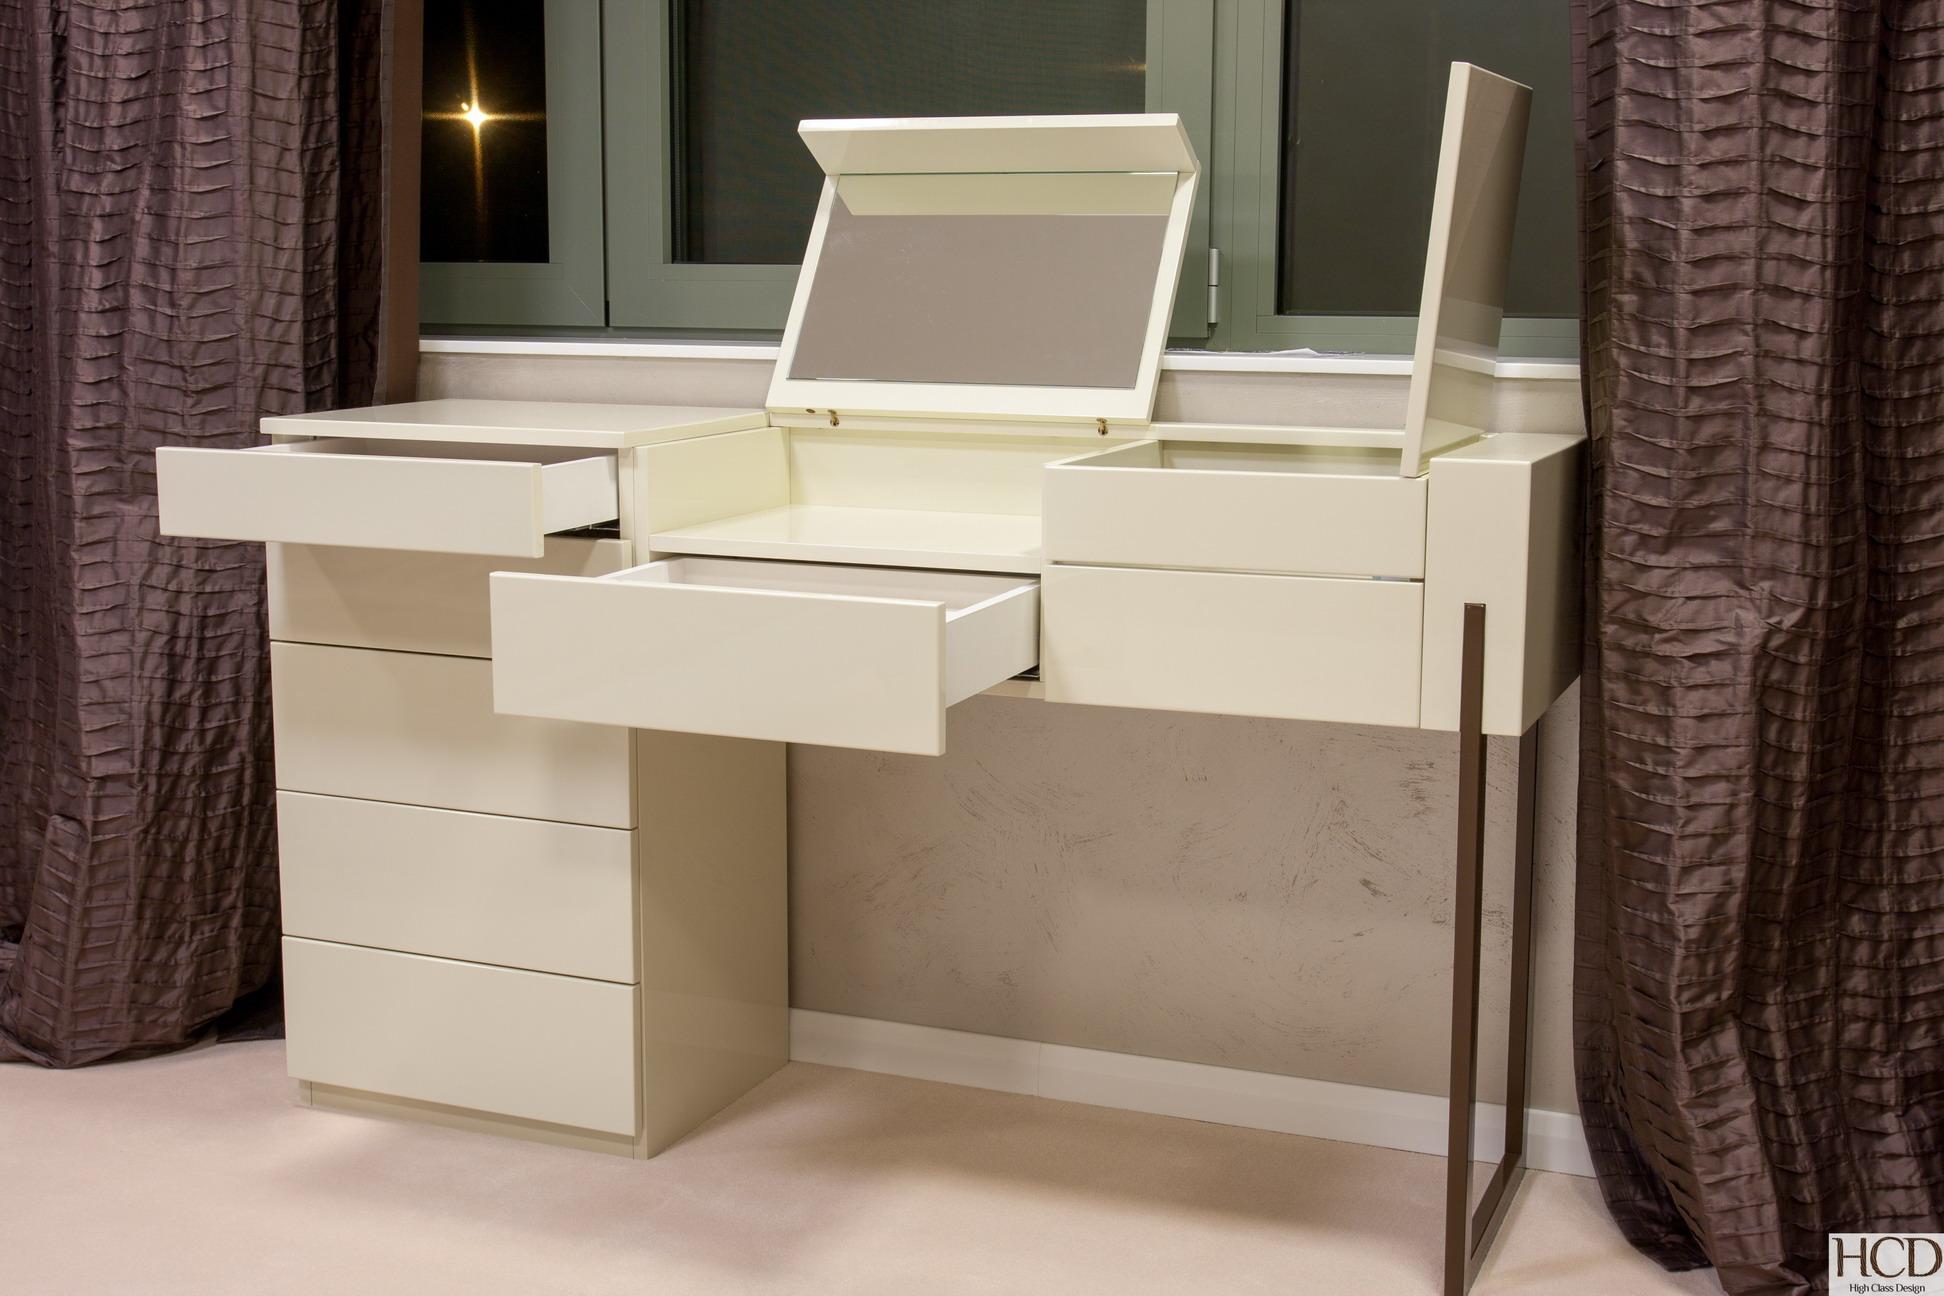 mobila-casa-vila-bufta-mobilier-comanda-hcd-trivenus-21_resize